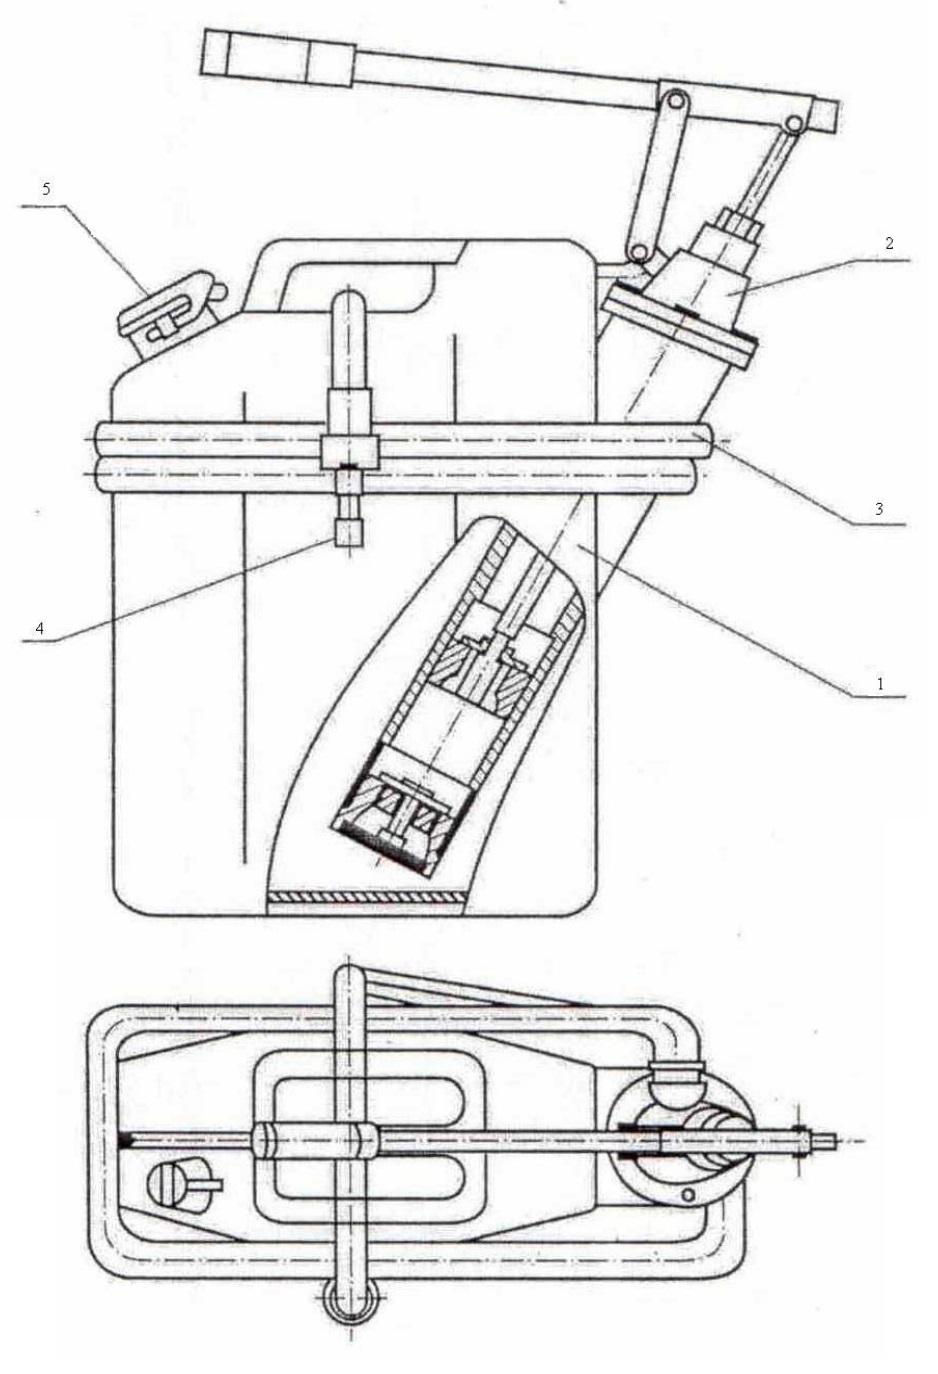 Заправочный насос МЦ2 для опрессовки ПЭД и ГЗ УЭЦН